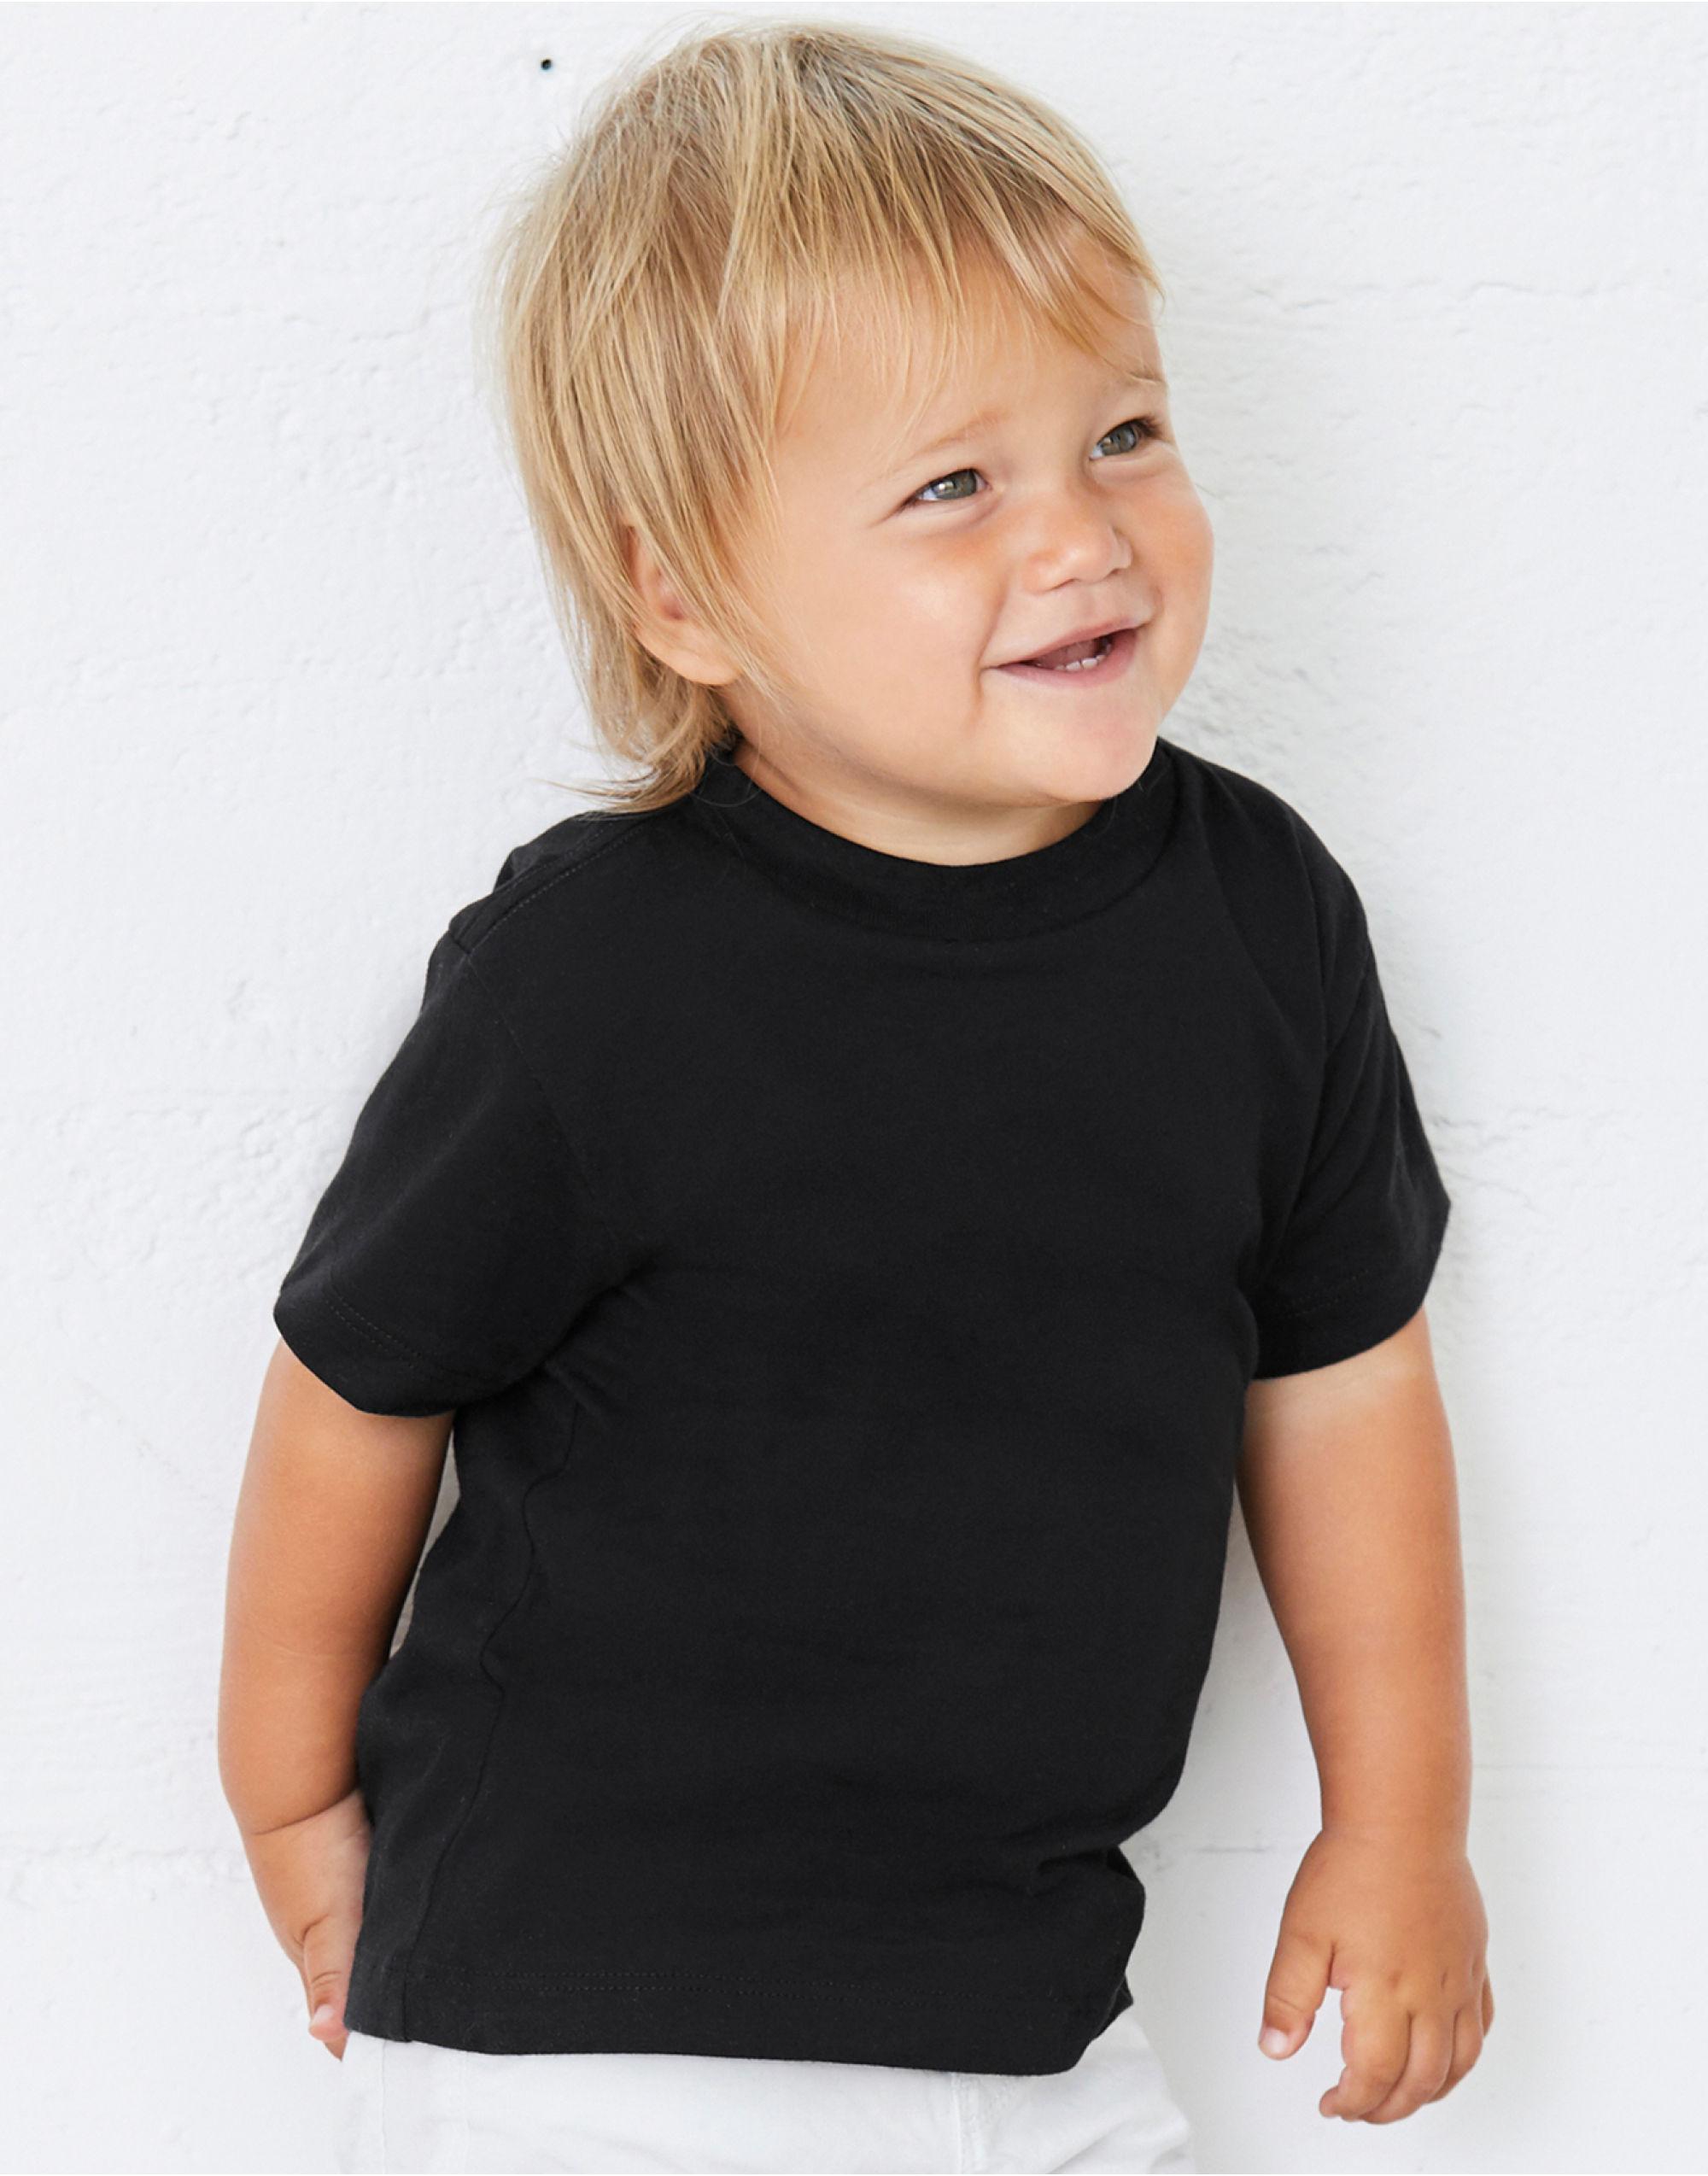 Bella Toddler Jersey Short Sleeve T-Shirt